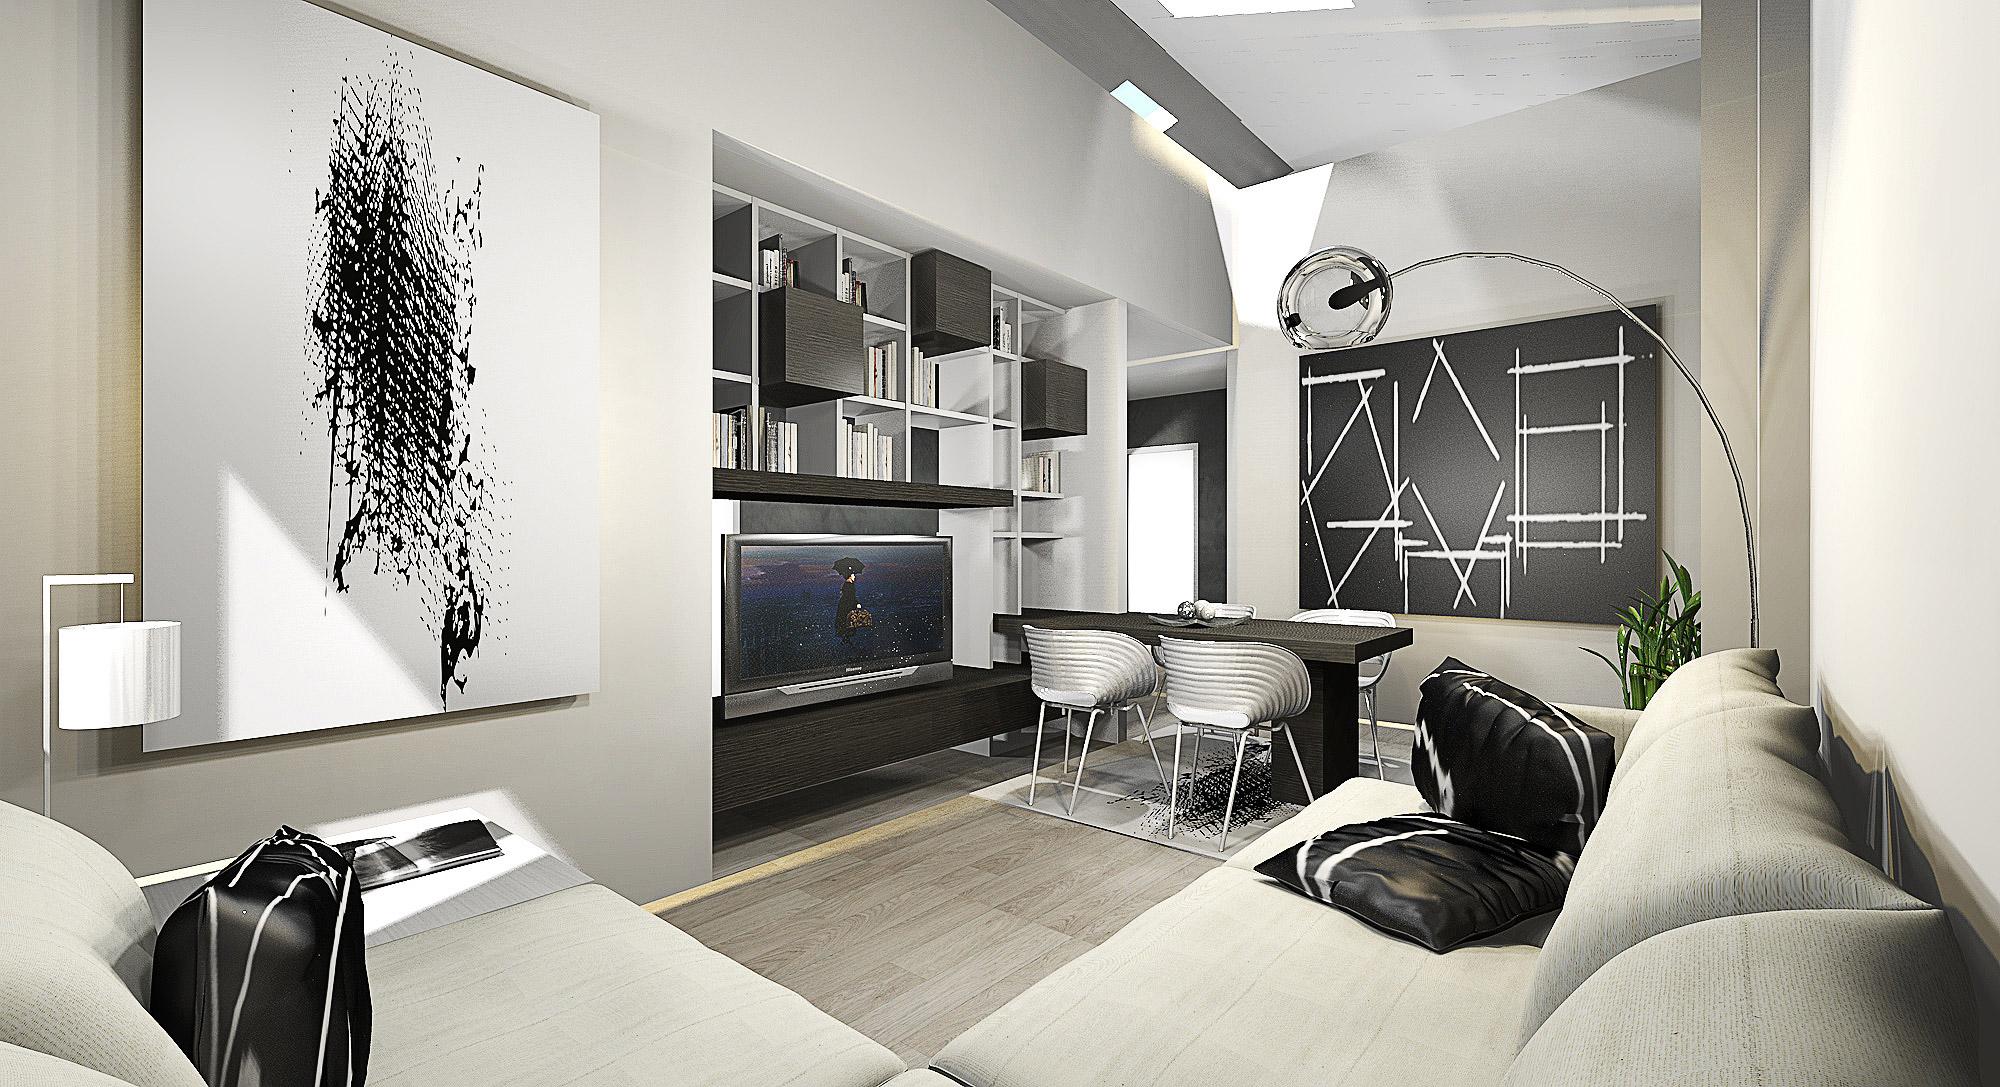 progettazione interni ristrutturazioni mobili su